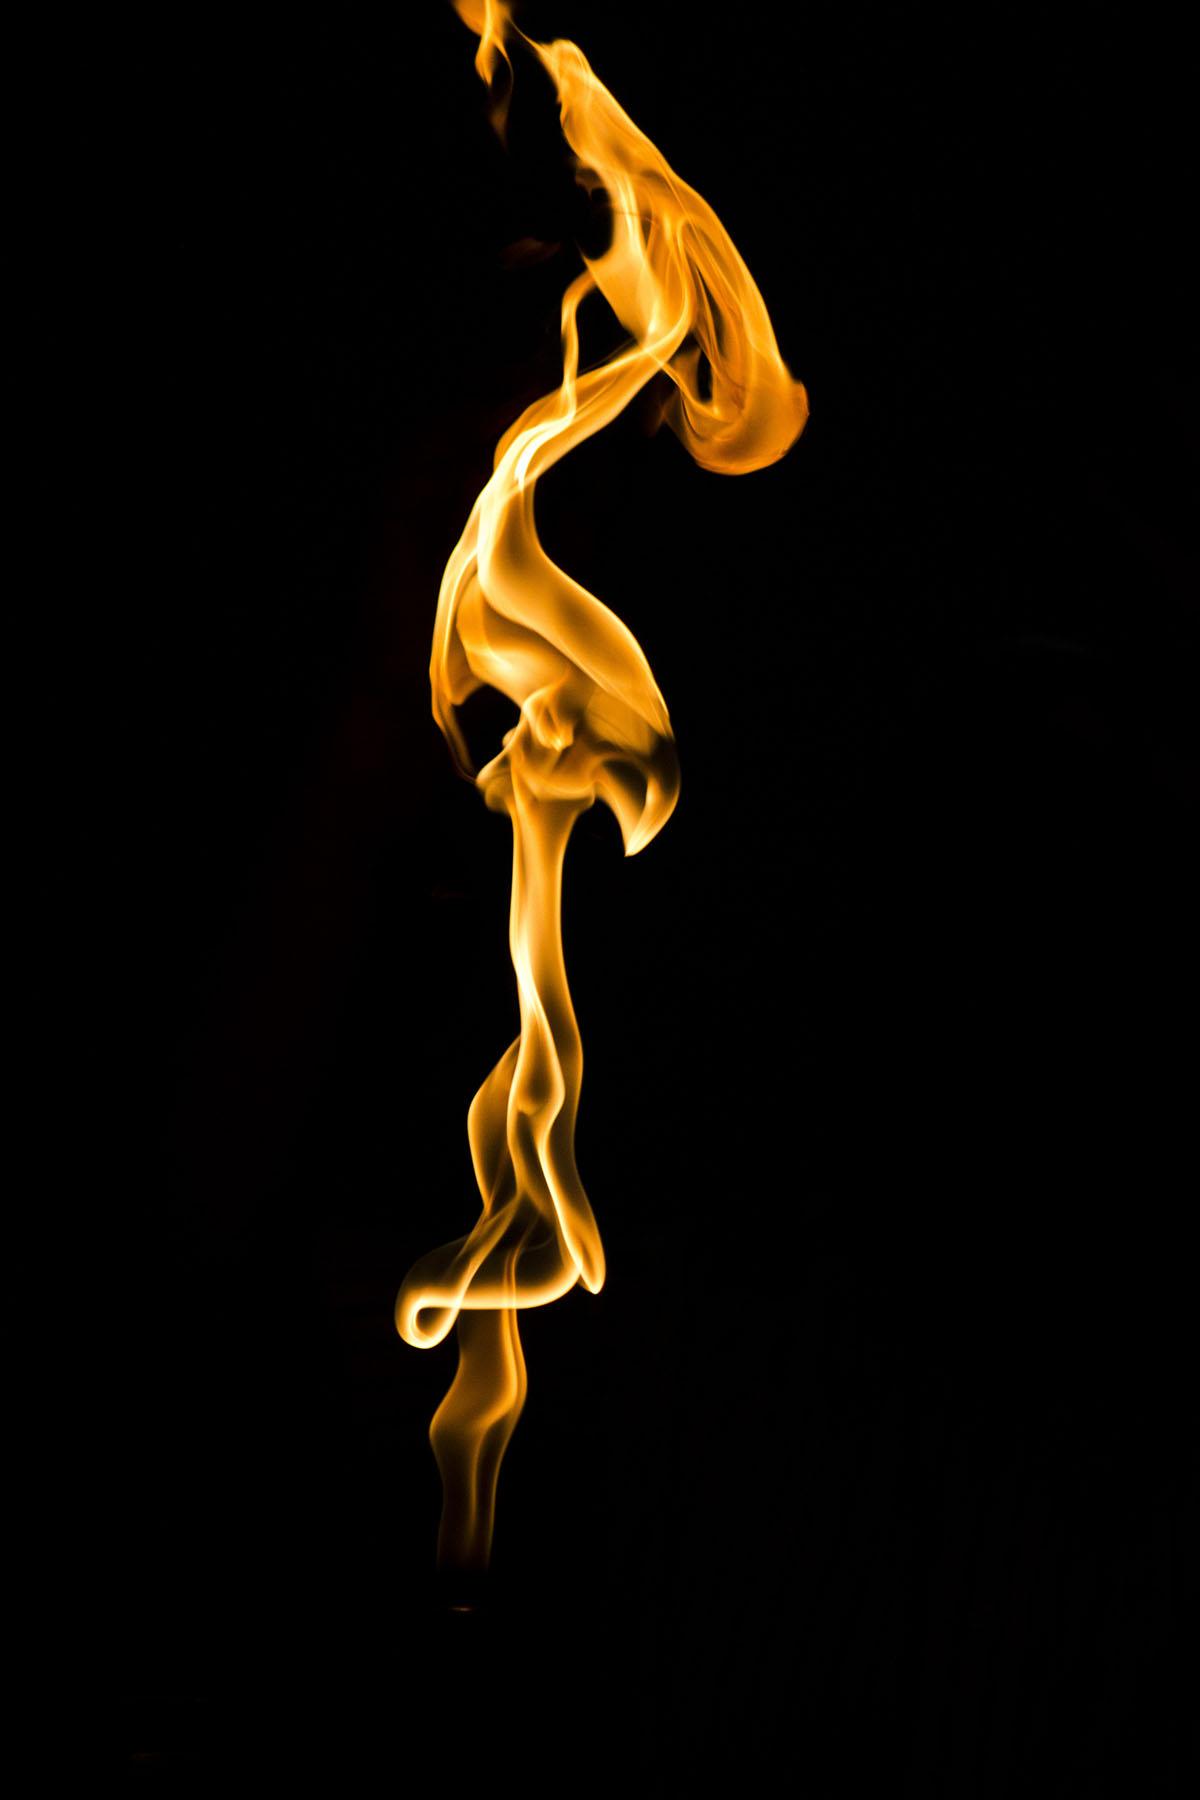 master-fuego-uah25